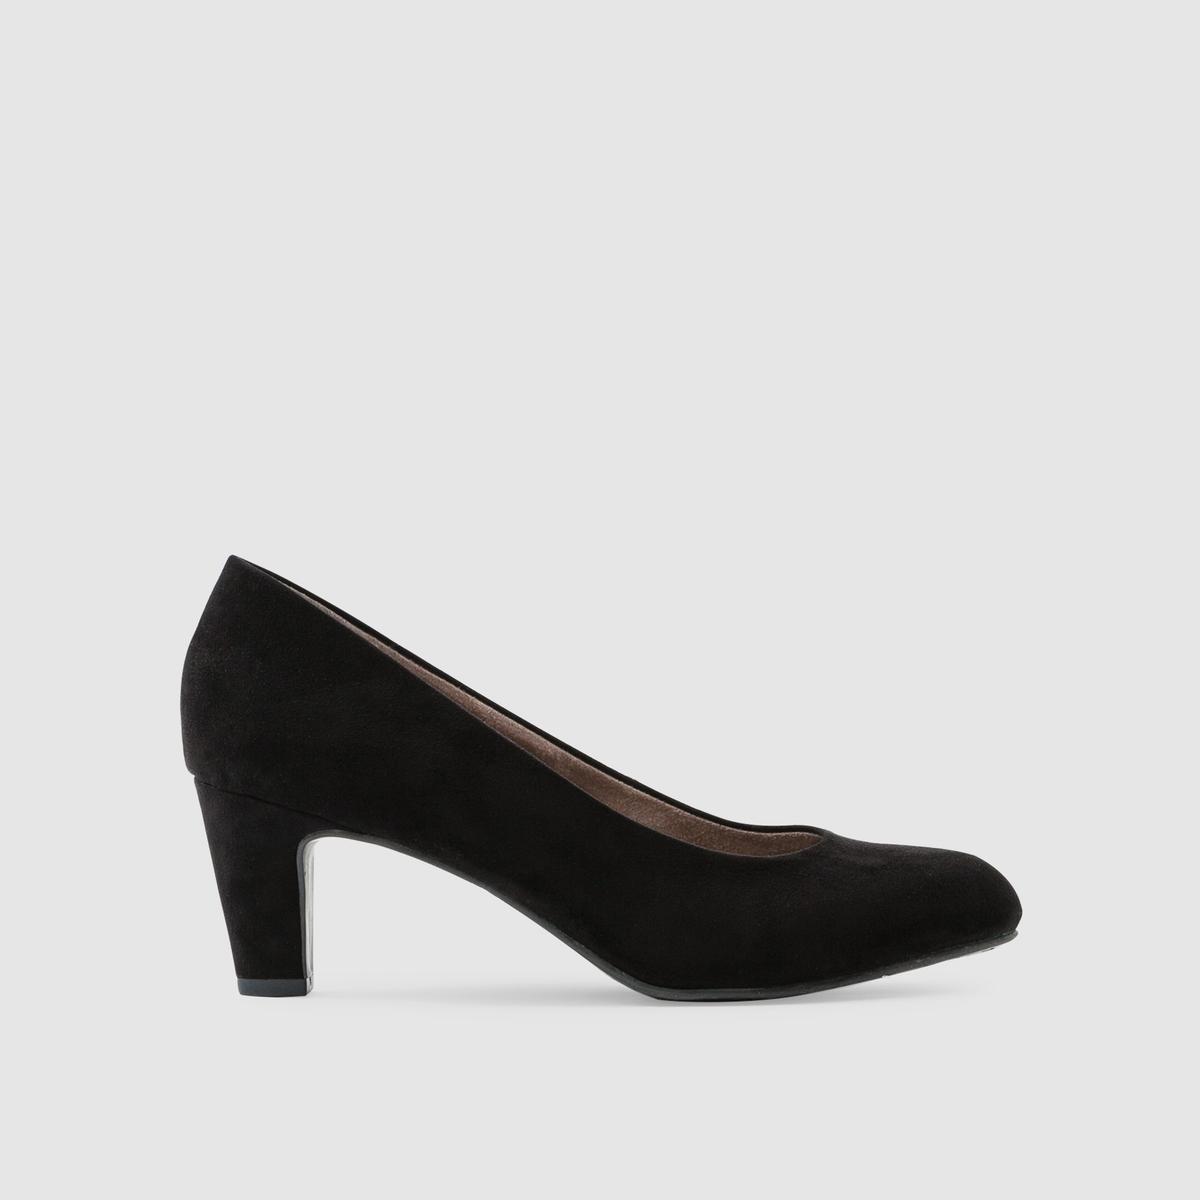 Туфли из искусственной замшиПодкладка : текстиль   Стелька : синтетика   Подошва : синтетика   Высота каблука : 6 см   Марка : TAMARIS<br><br>Цвет: черный